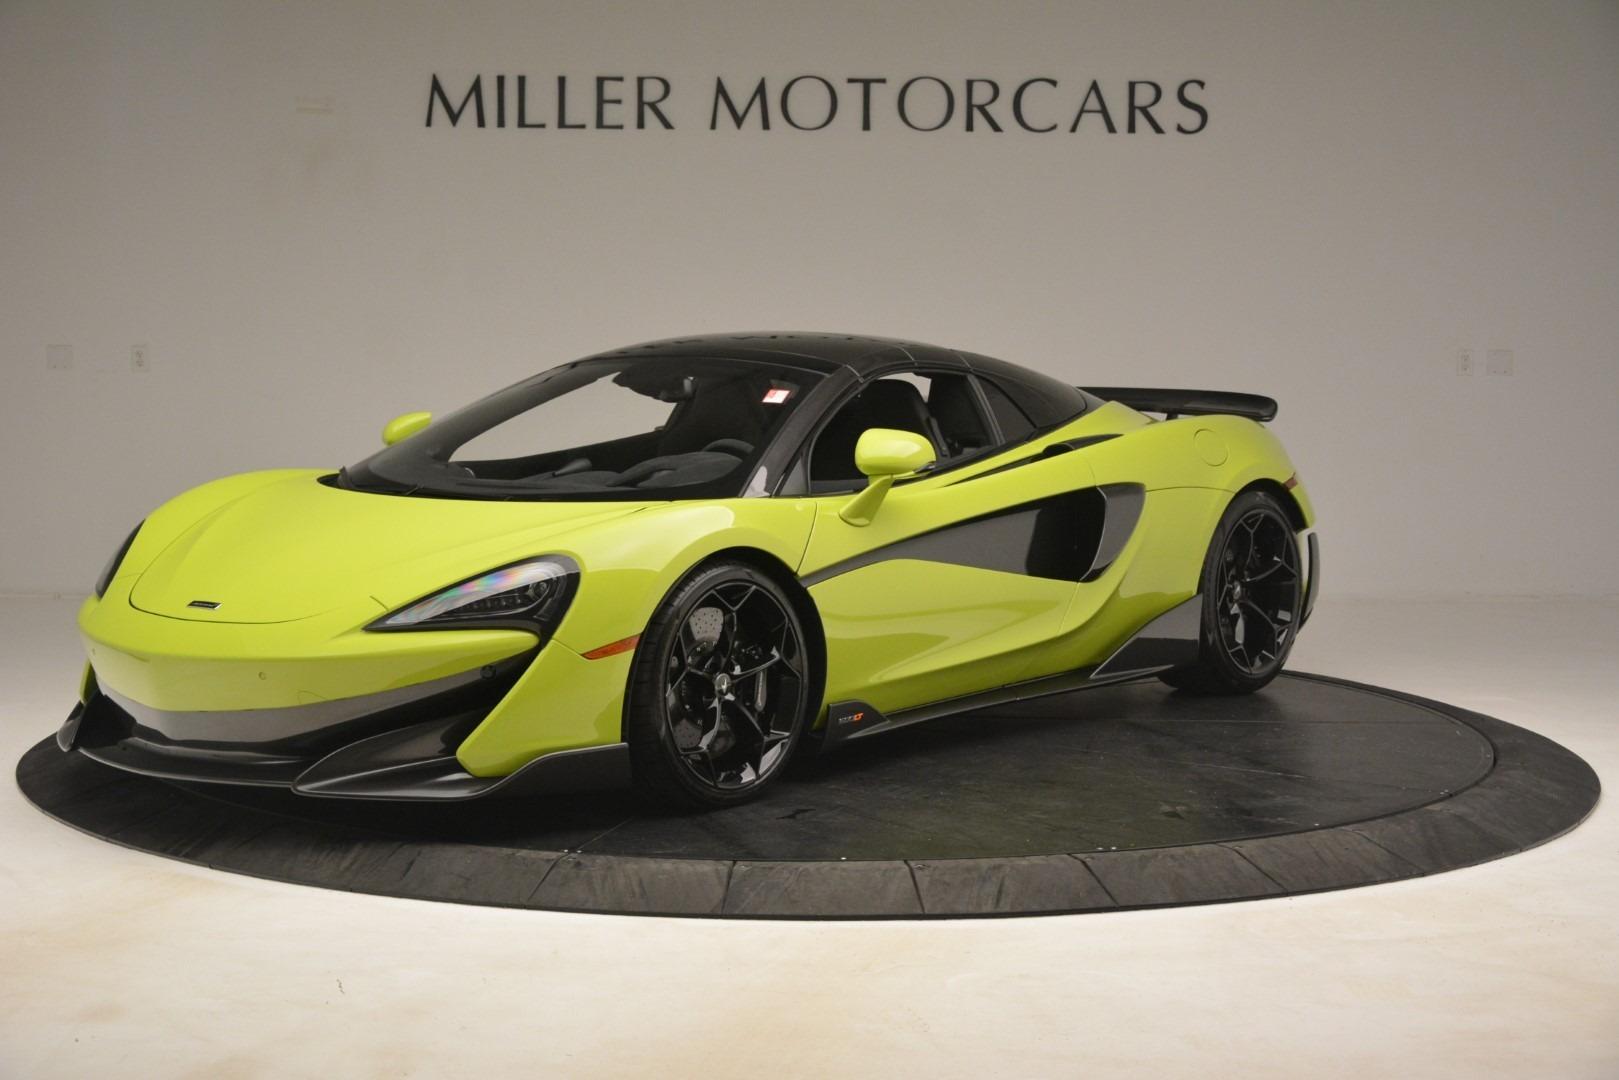 New 2020 McLaren 600LT Spider Convertible For Sale In Westport, CT 3213_p2